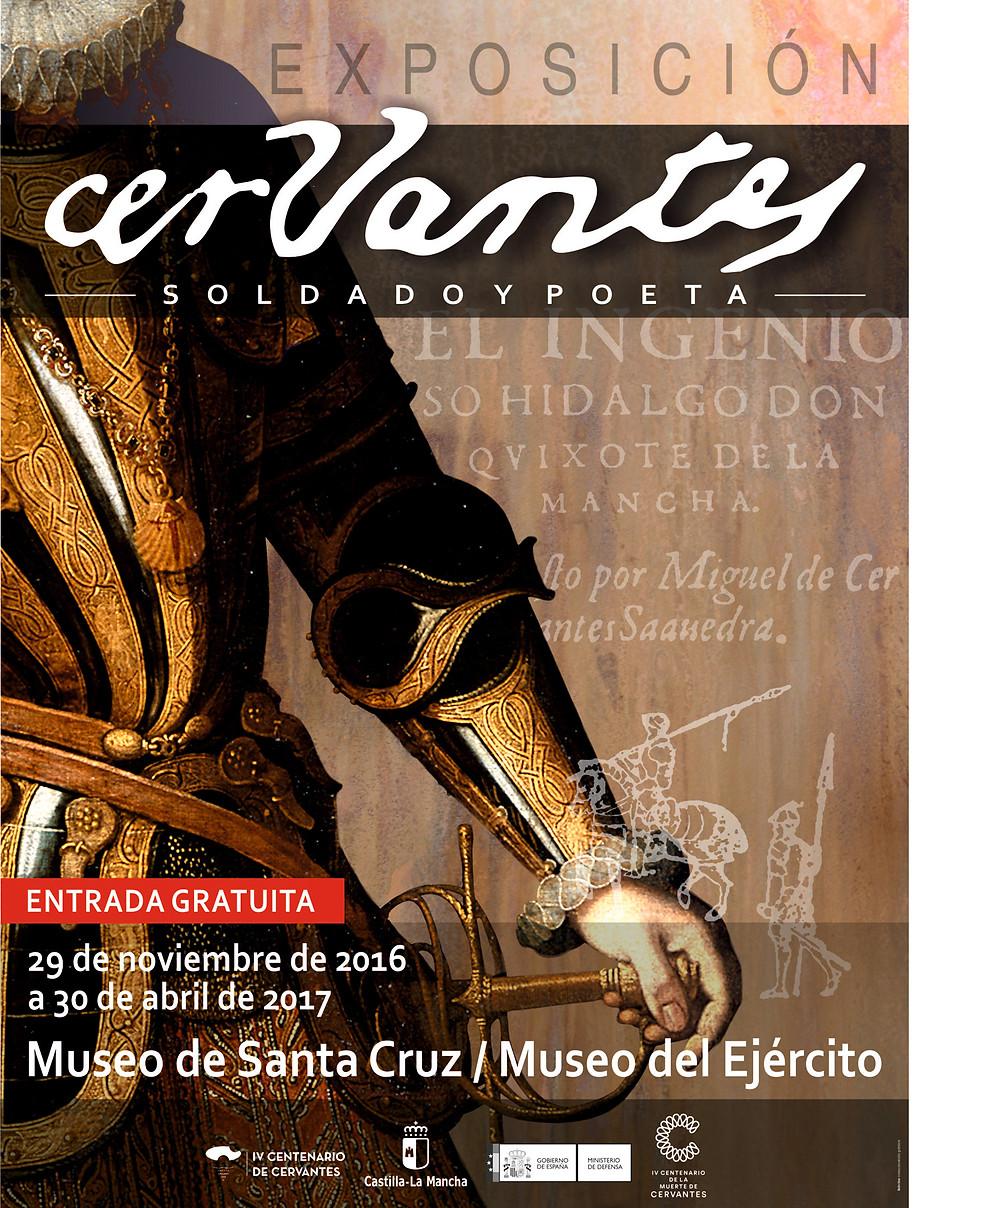 Exposición Cervantes, soldado y poeta en Toledo.